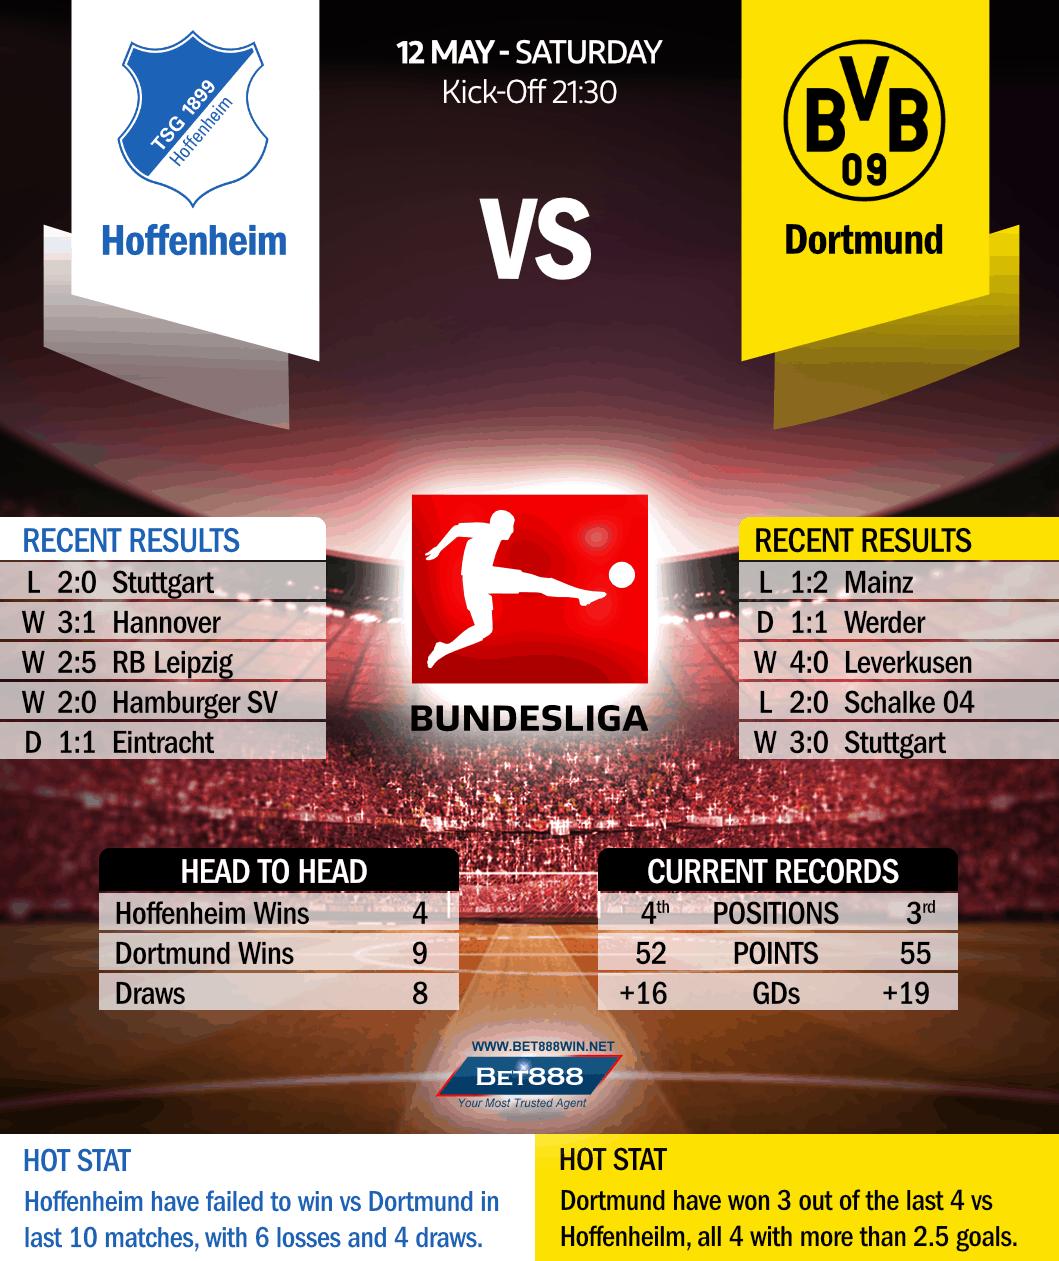 Hoffenheim vs Borussia Dortmund 12/05/18